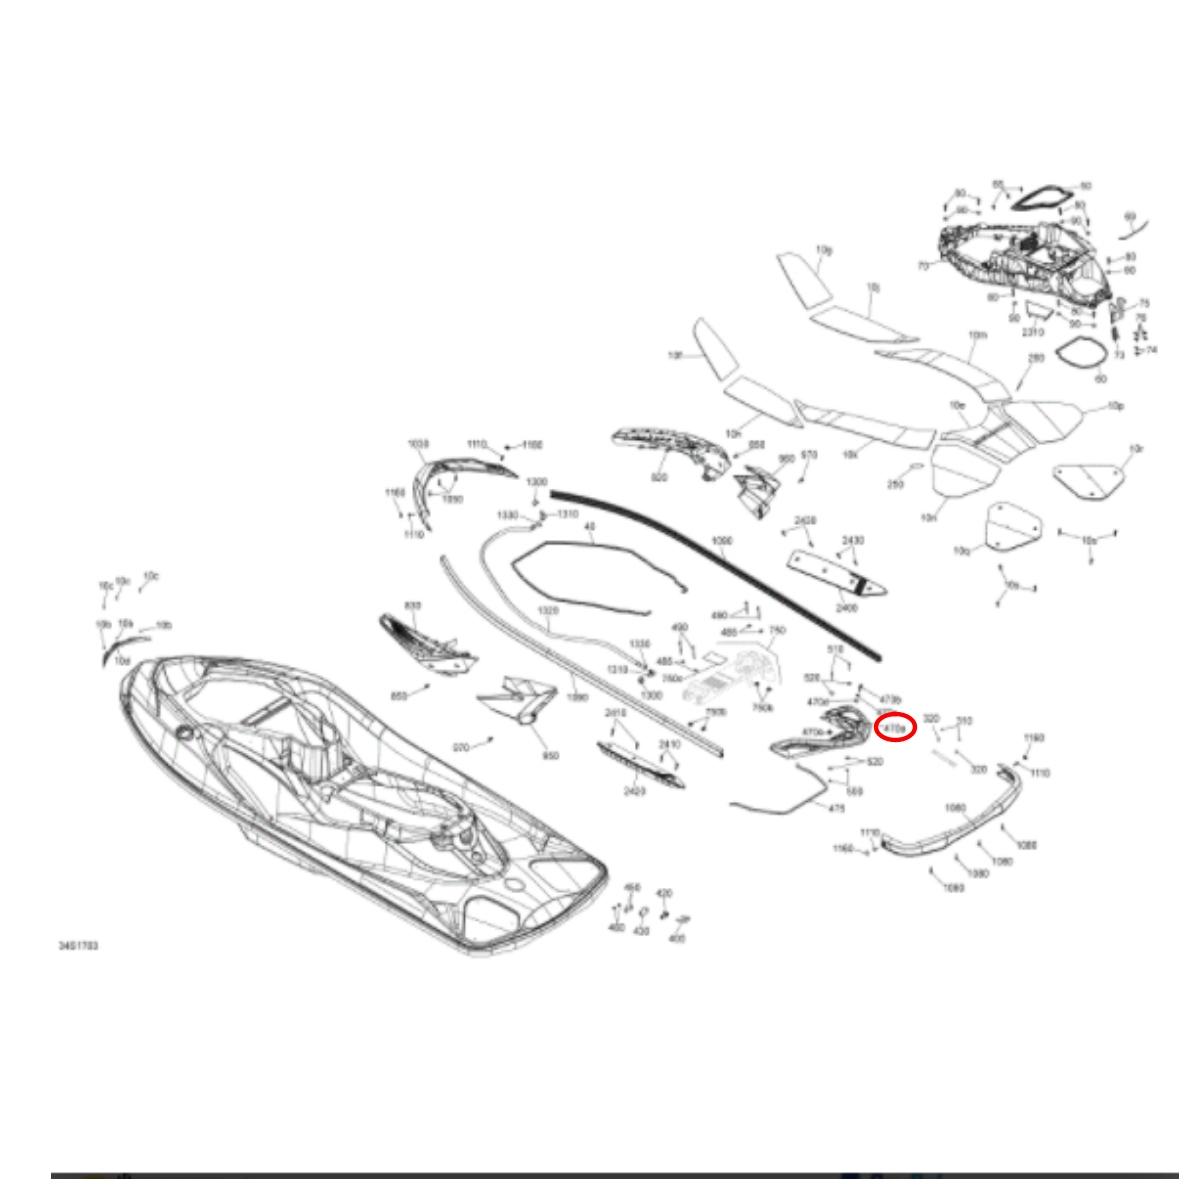 Alça Traseira para jet ski Sea Doo RXT 2017  - Radical Peças - Peças para Jet Ski